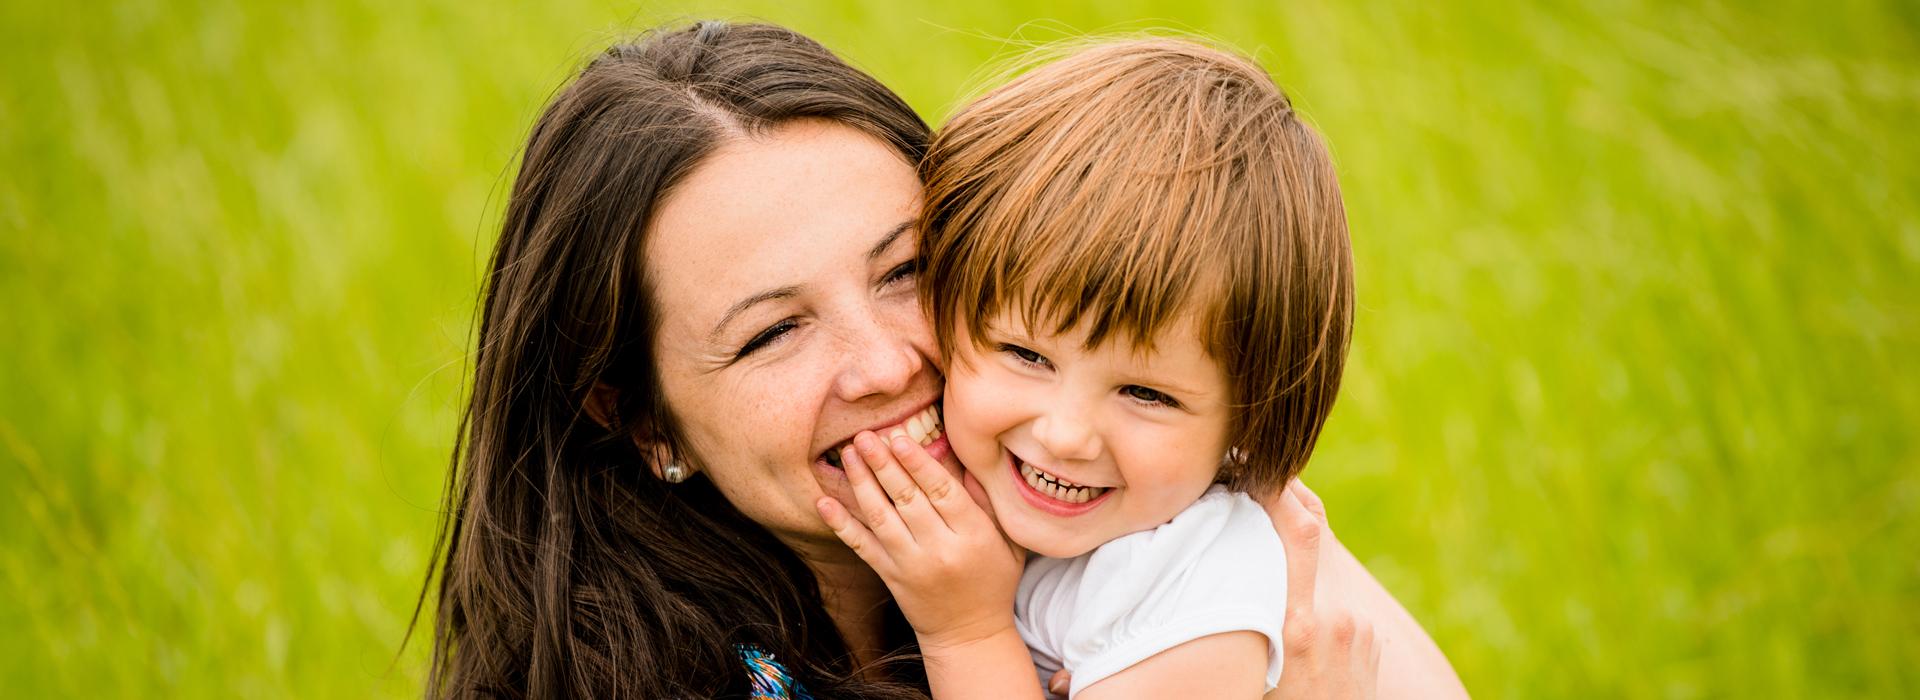 成功女性就是兼顧事業與家庭?這不是逼死一堆媽媽嗎?